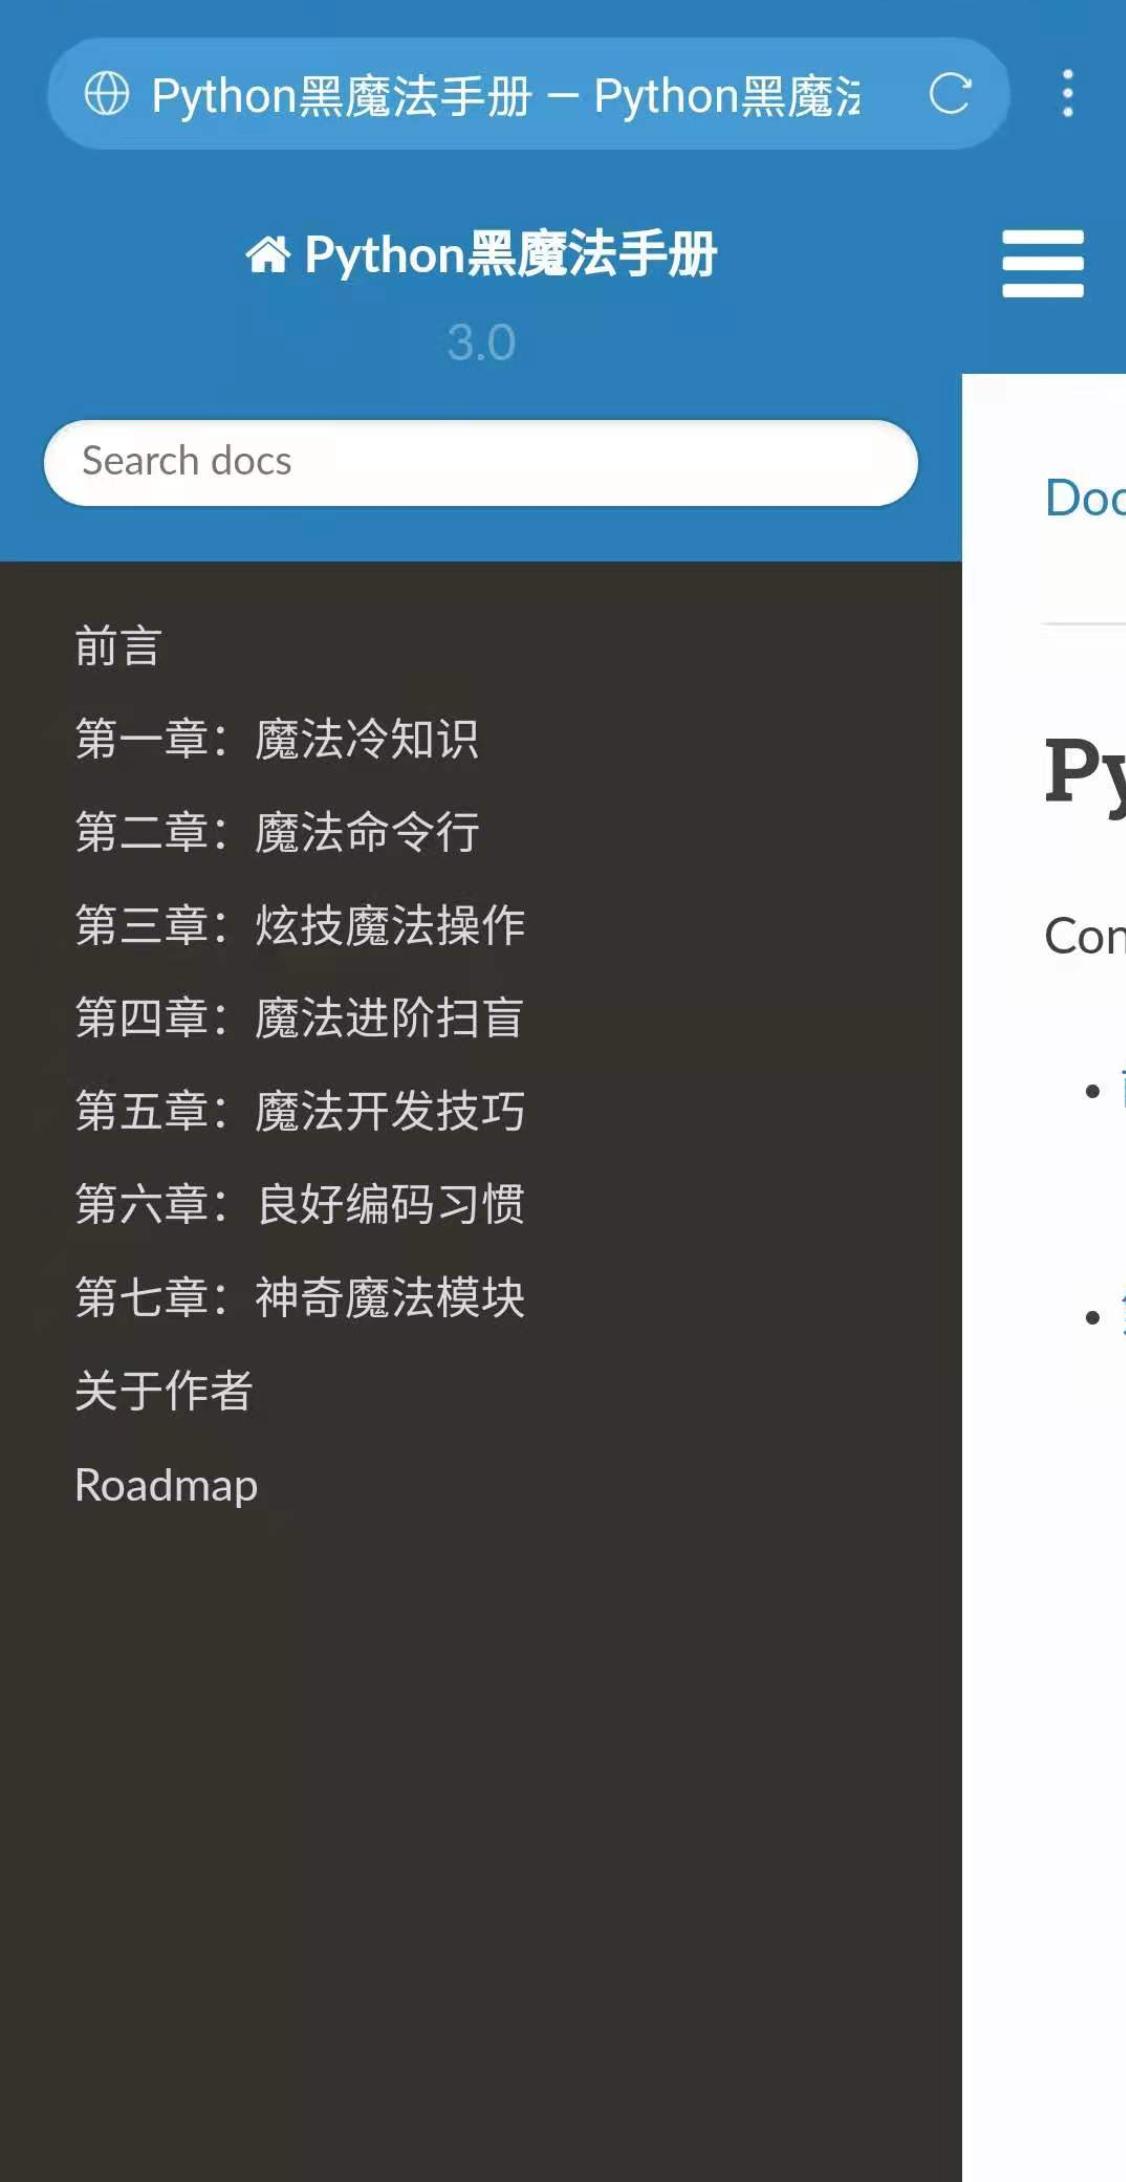 来了!《Python黑魔法指南》v3.0 版本插图(1)